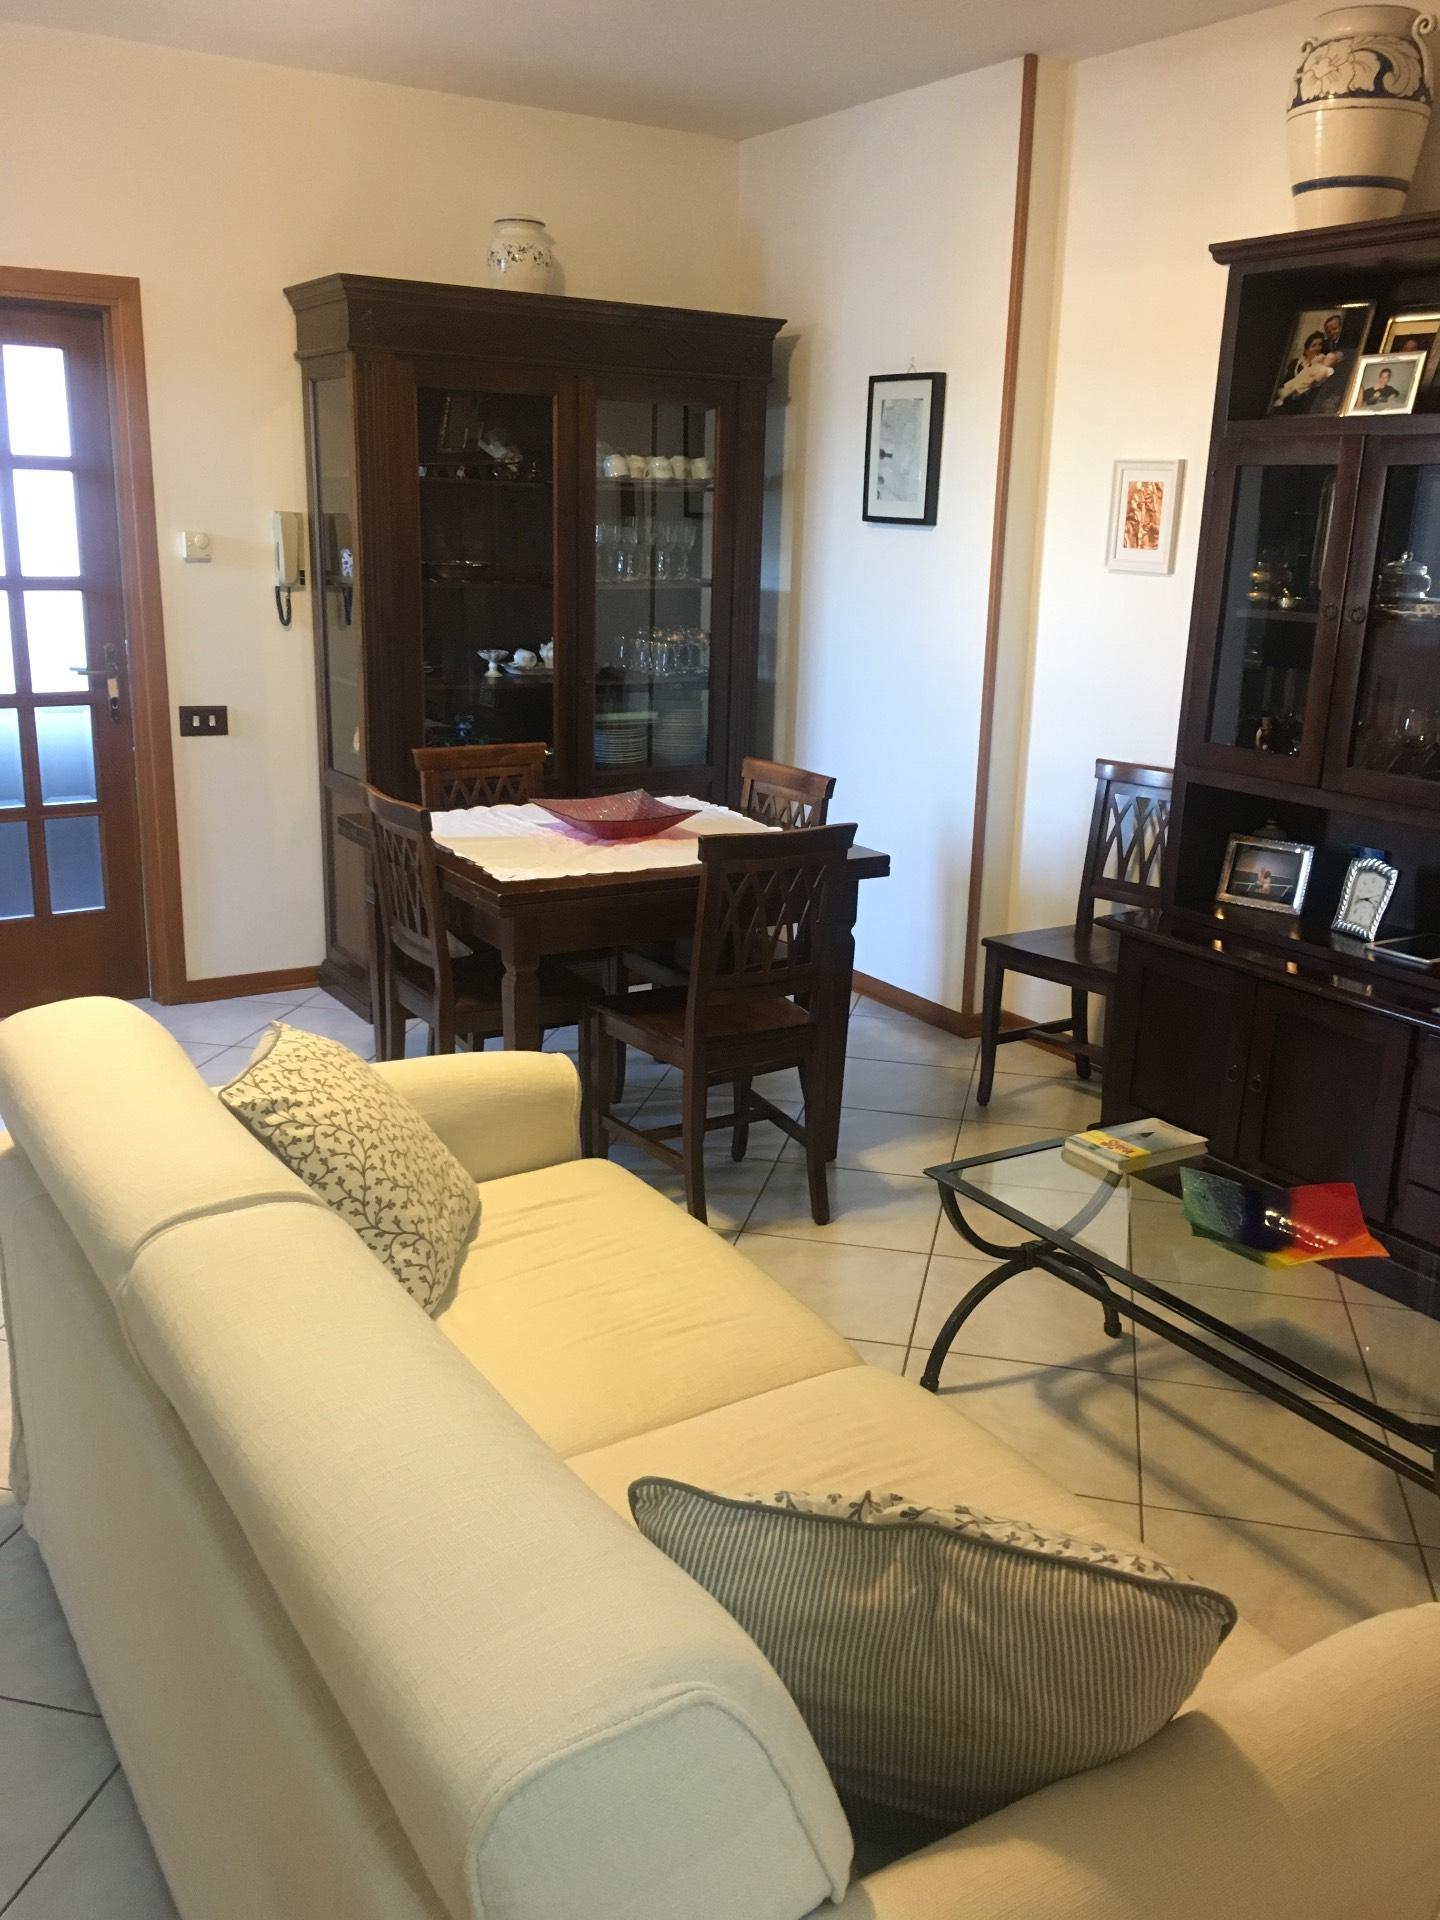 Appartamento in vendita Limite sull'Arno-via bartolini Capraia e Limite